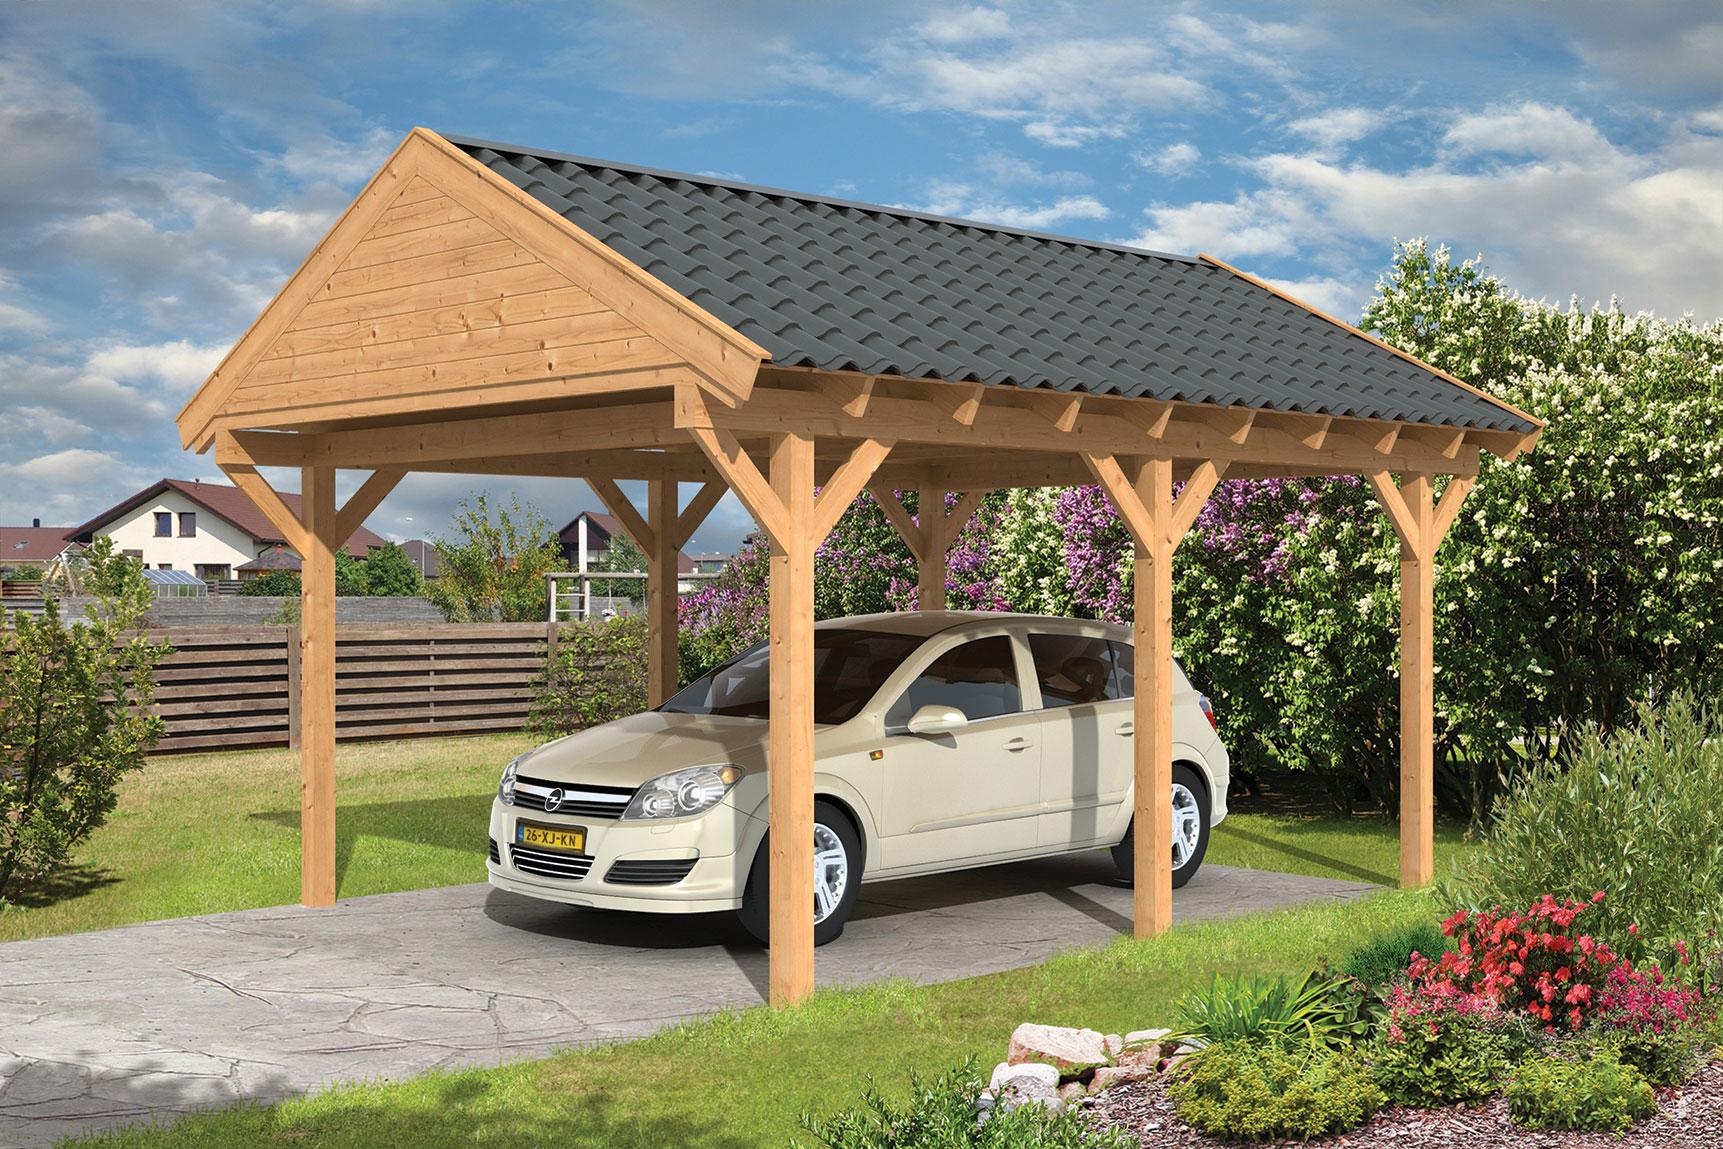 houten carport bouwen tips overkapping voor auto maken